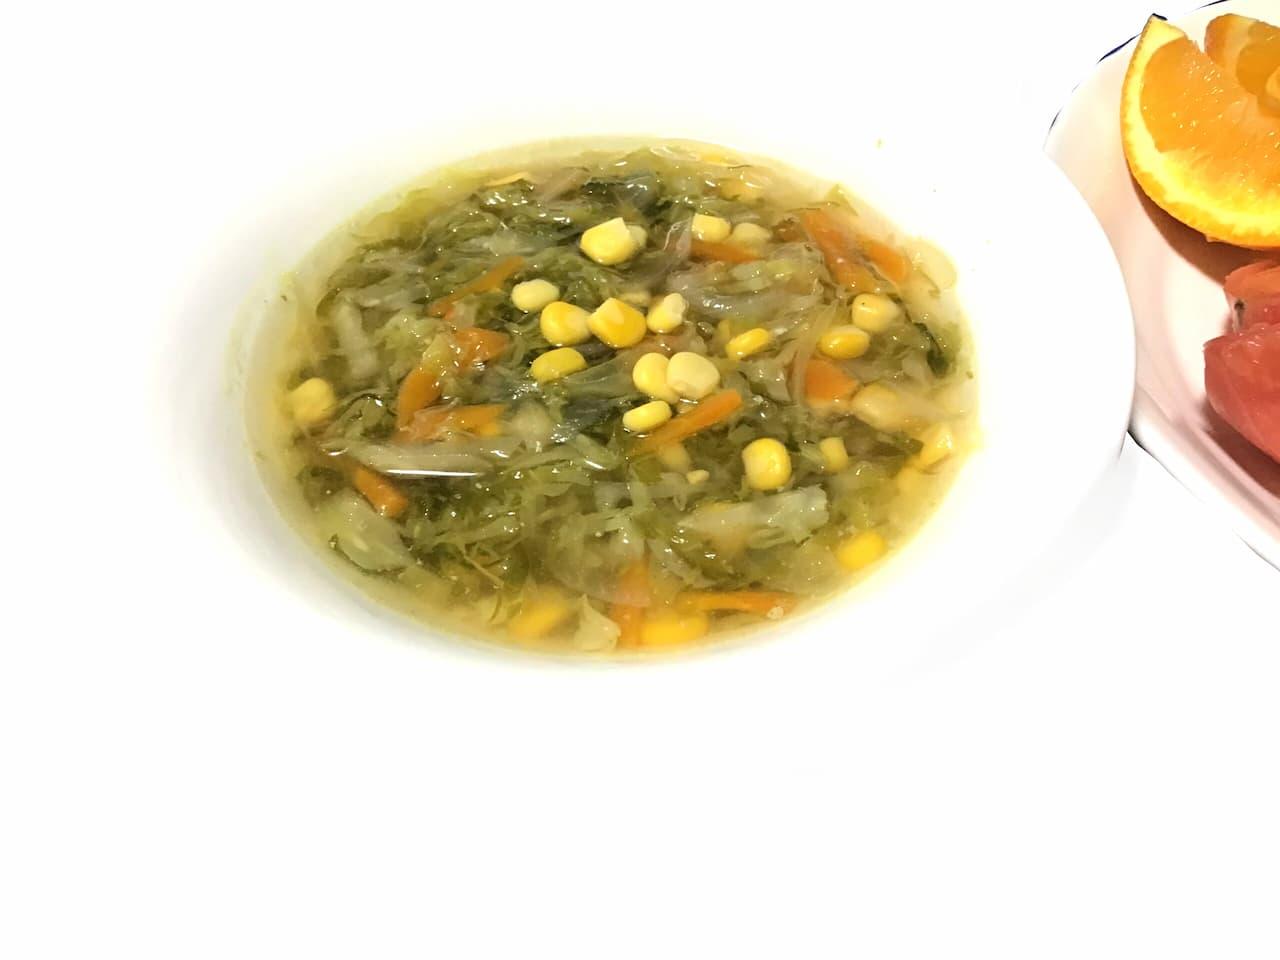 ジョリエンヌスープ・冷蔵庫に残った野菜で作る野菜スープ